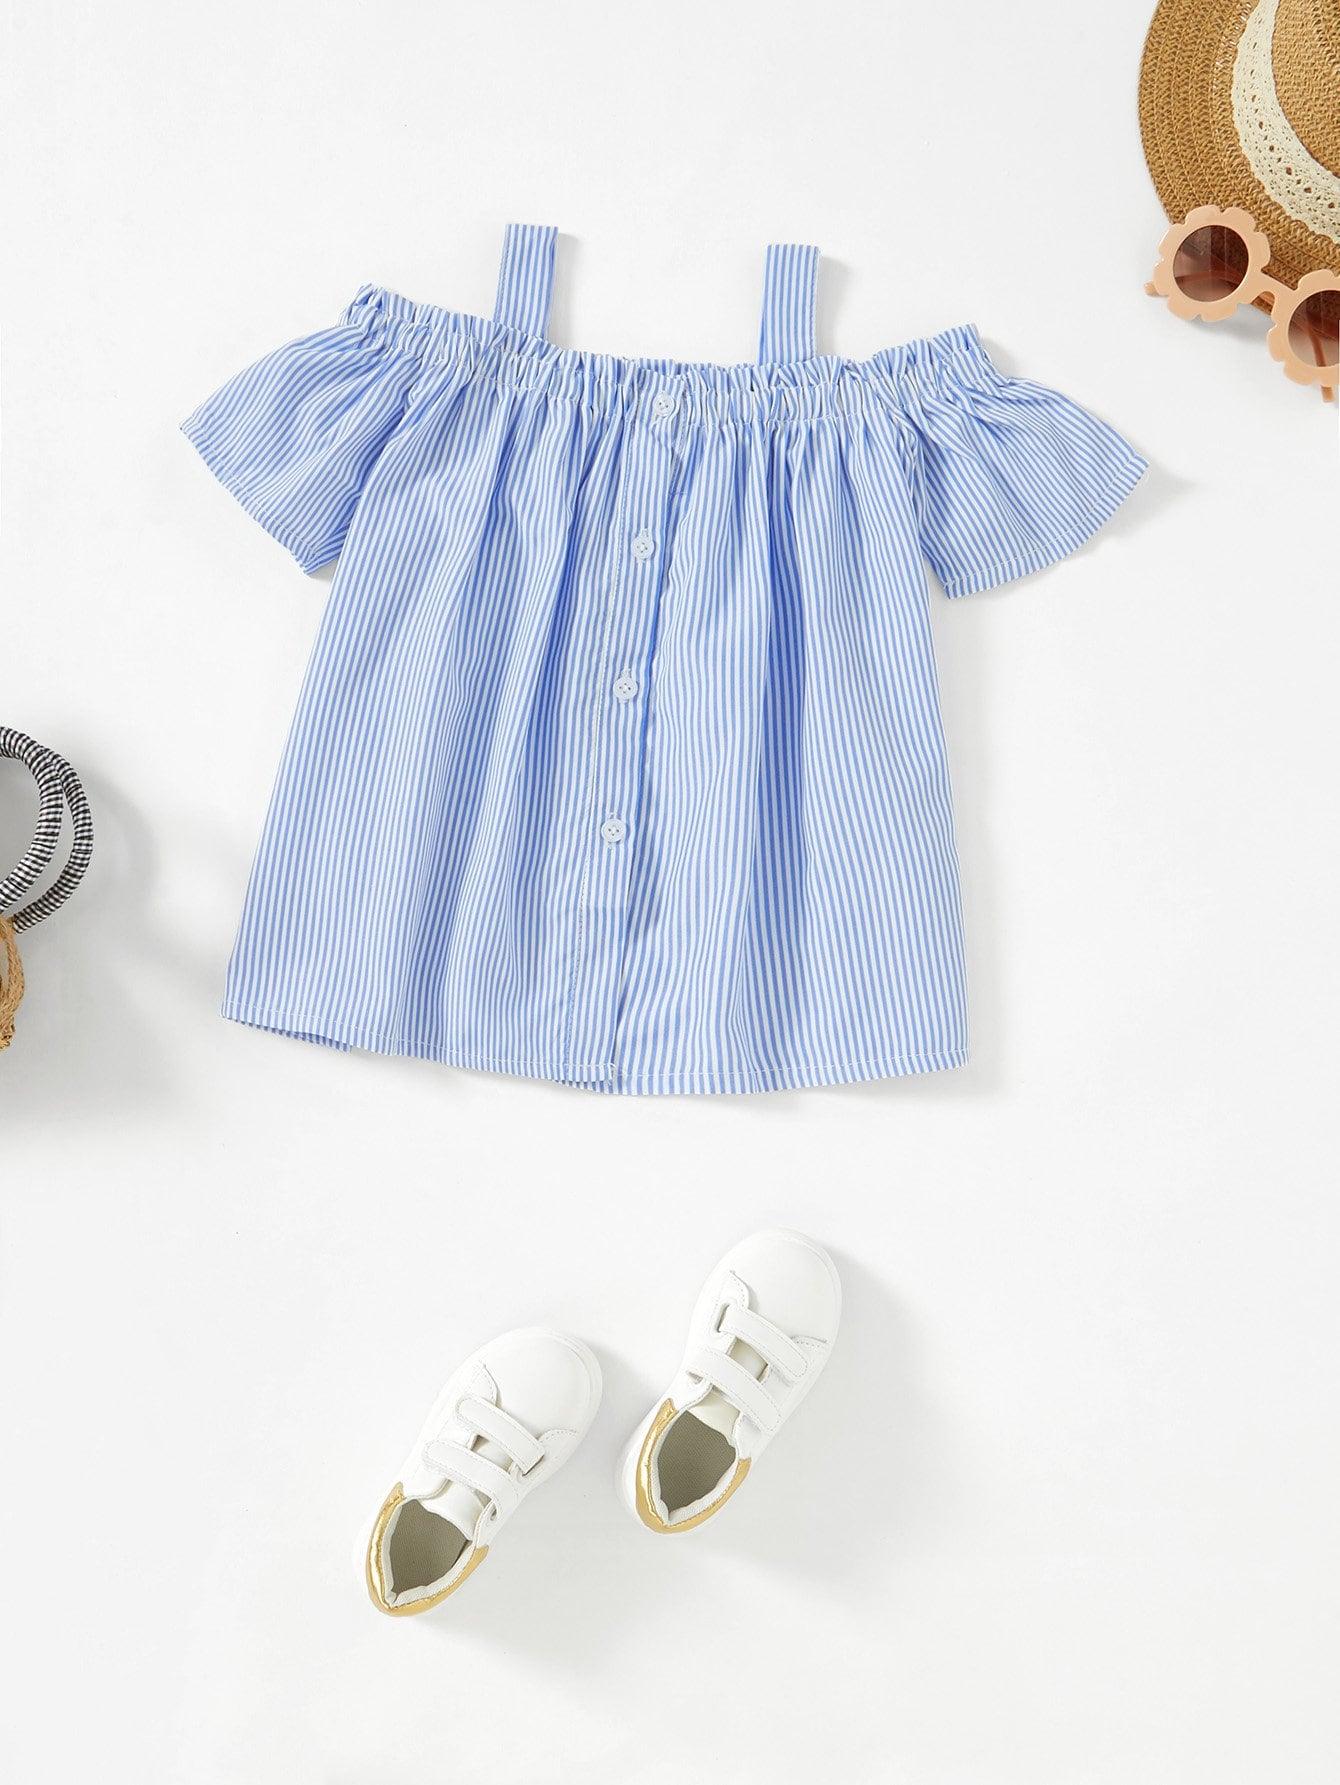 Блузка с открытыми плечами с полосками, null, SheIn  - купить со скидкой